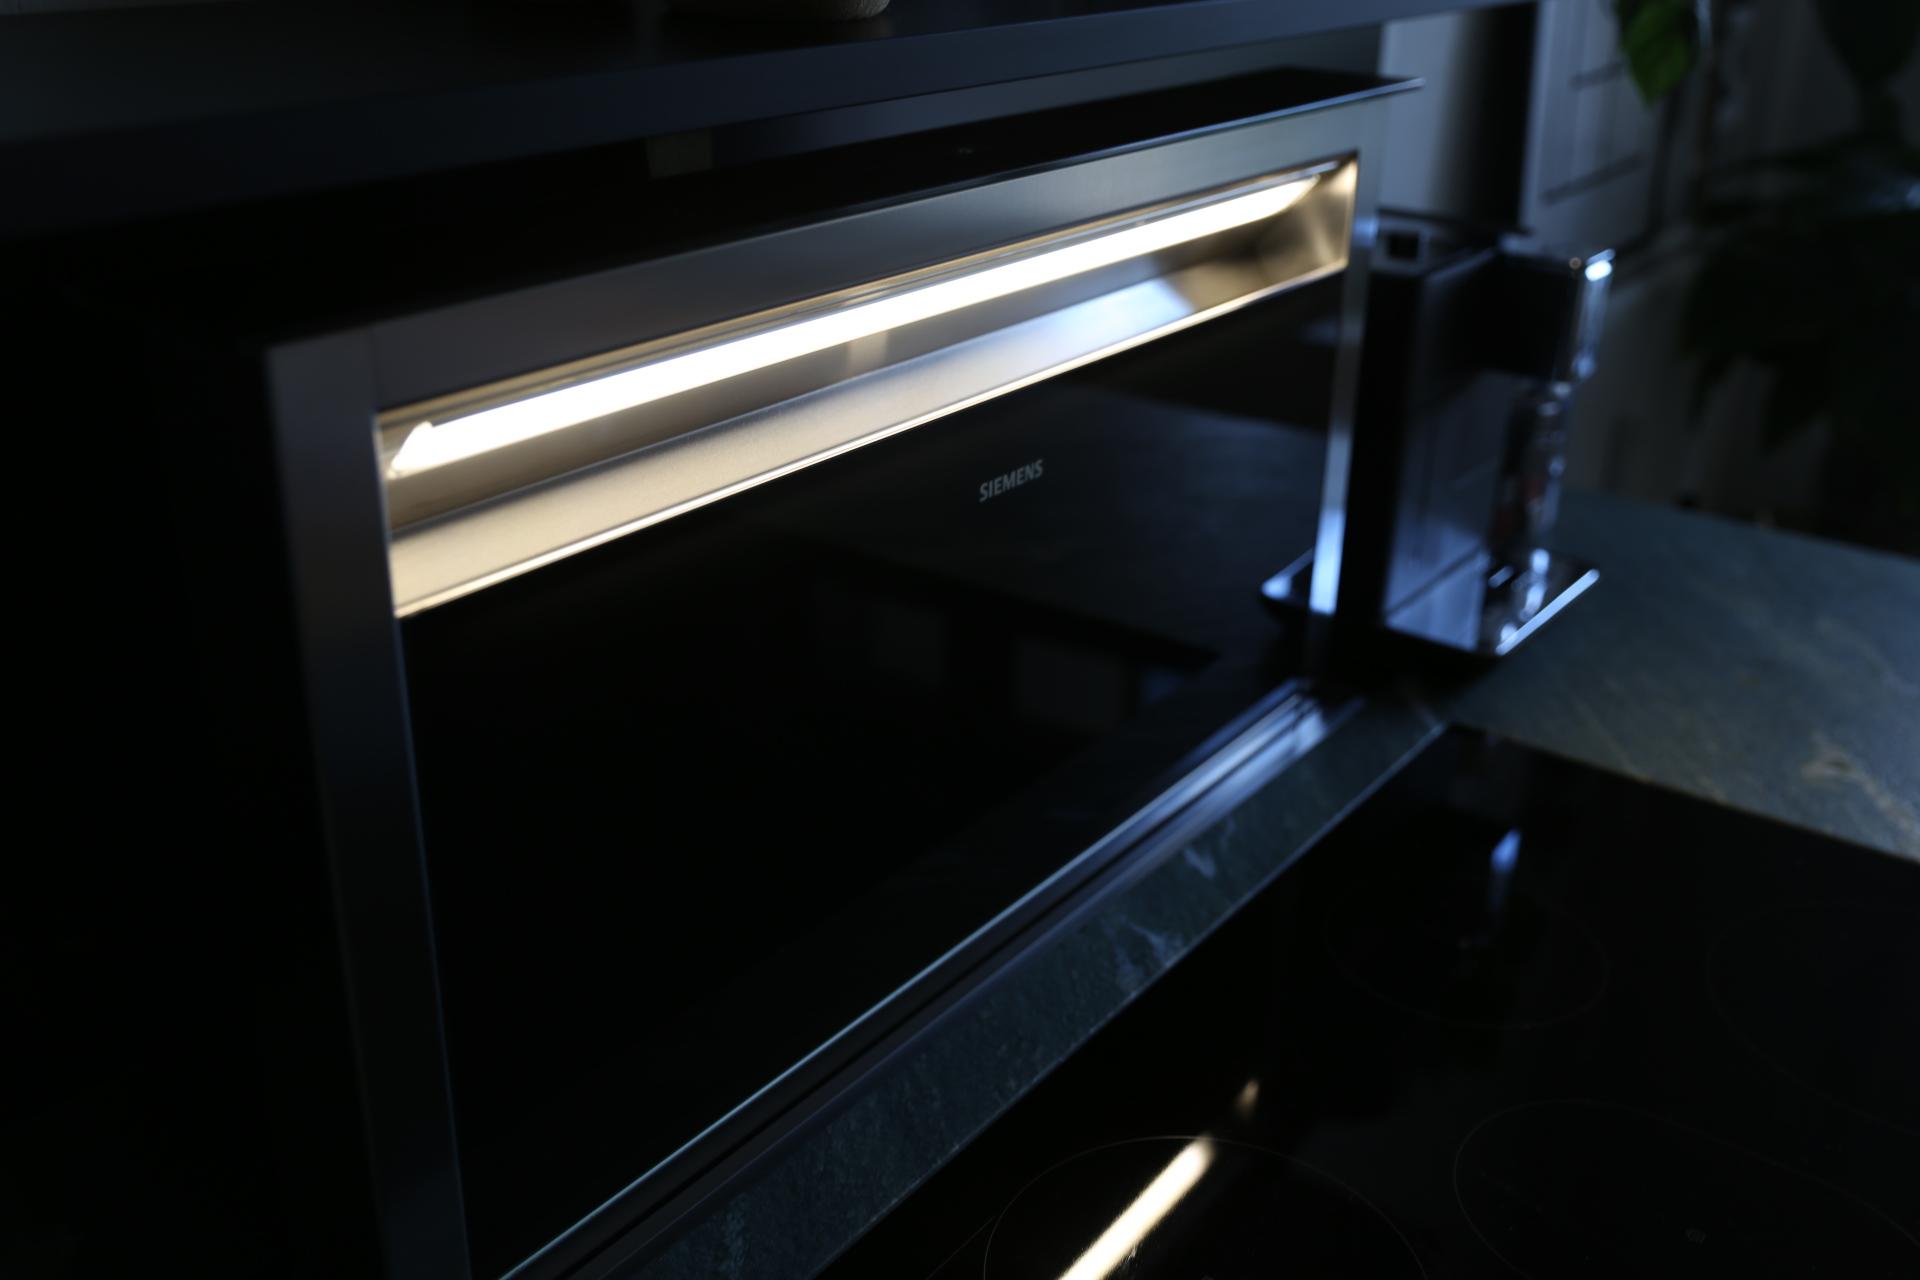 Tischlüftung Siemens